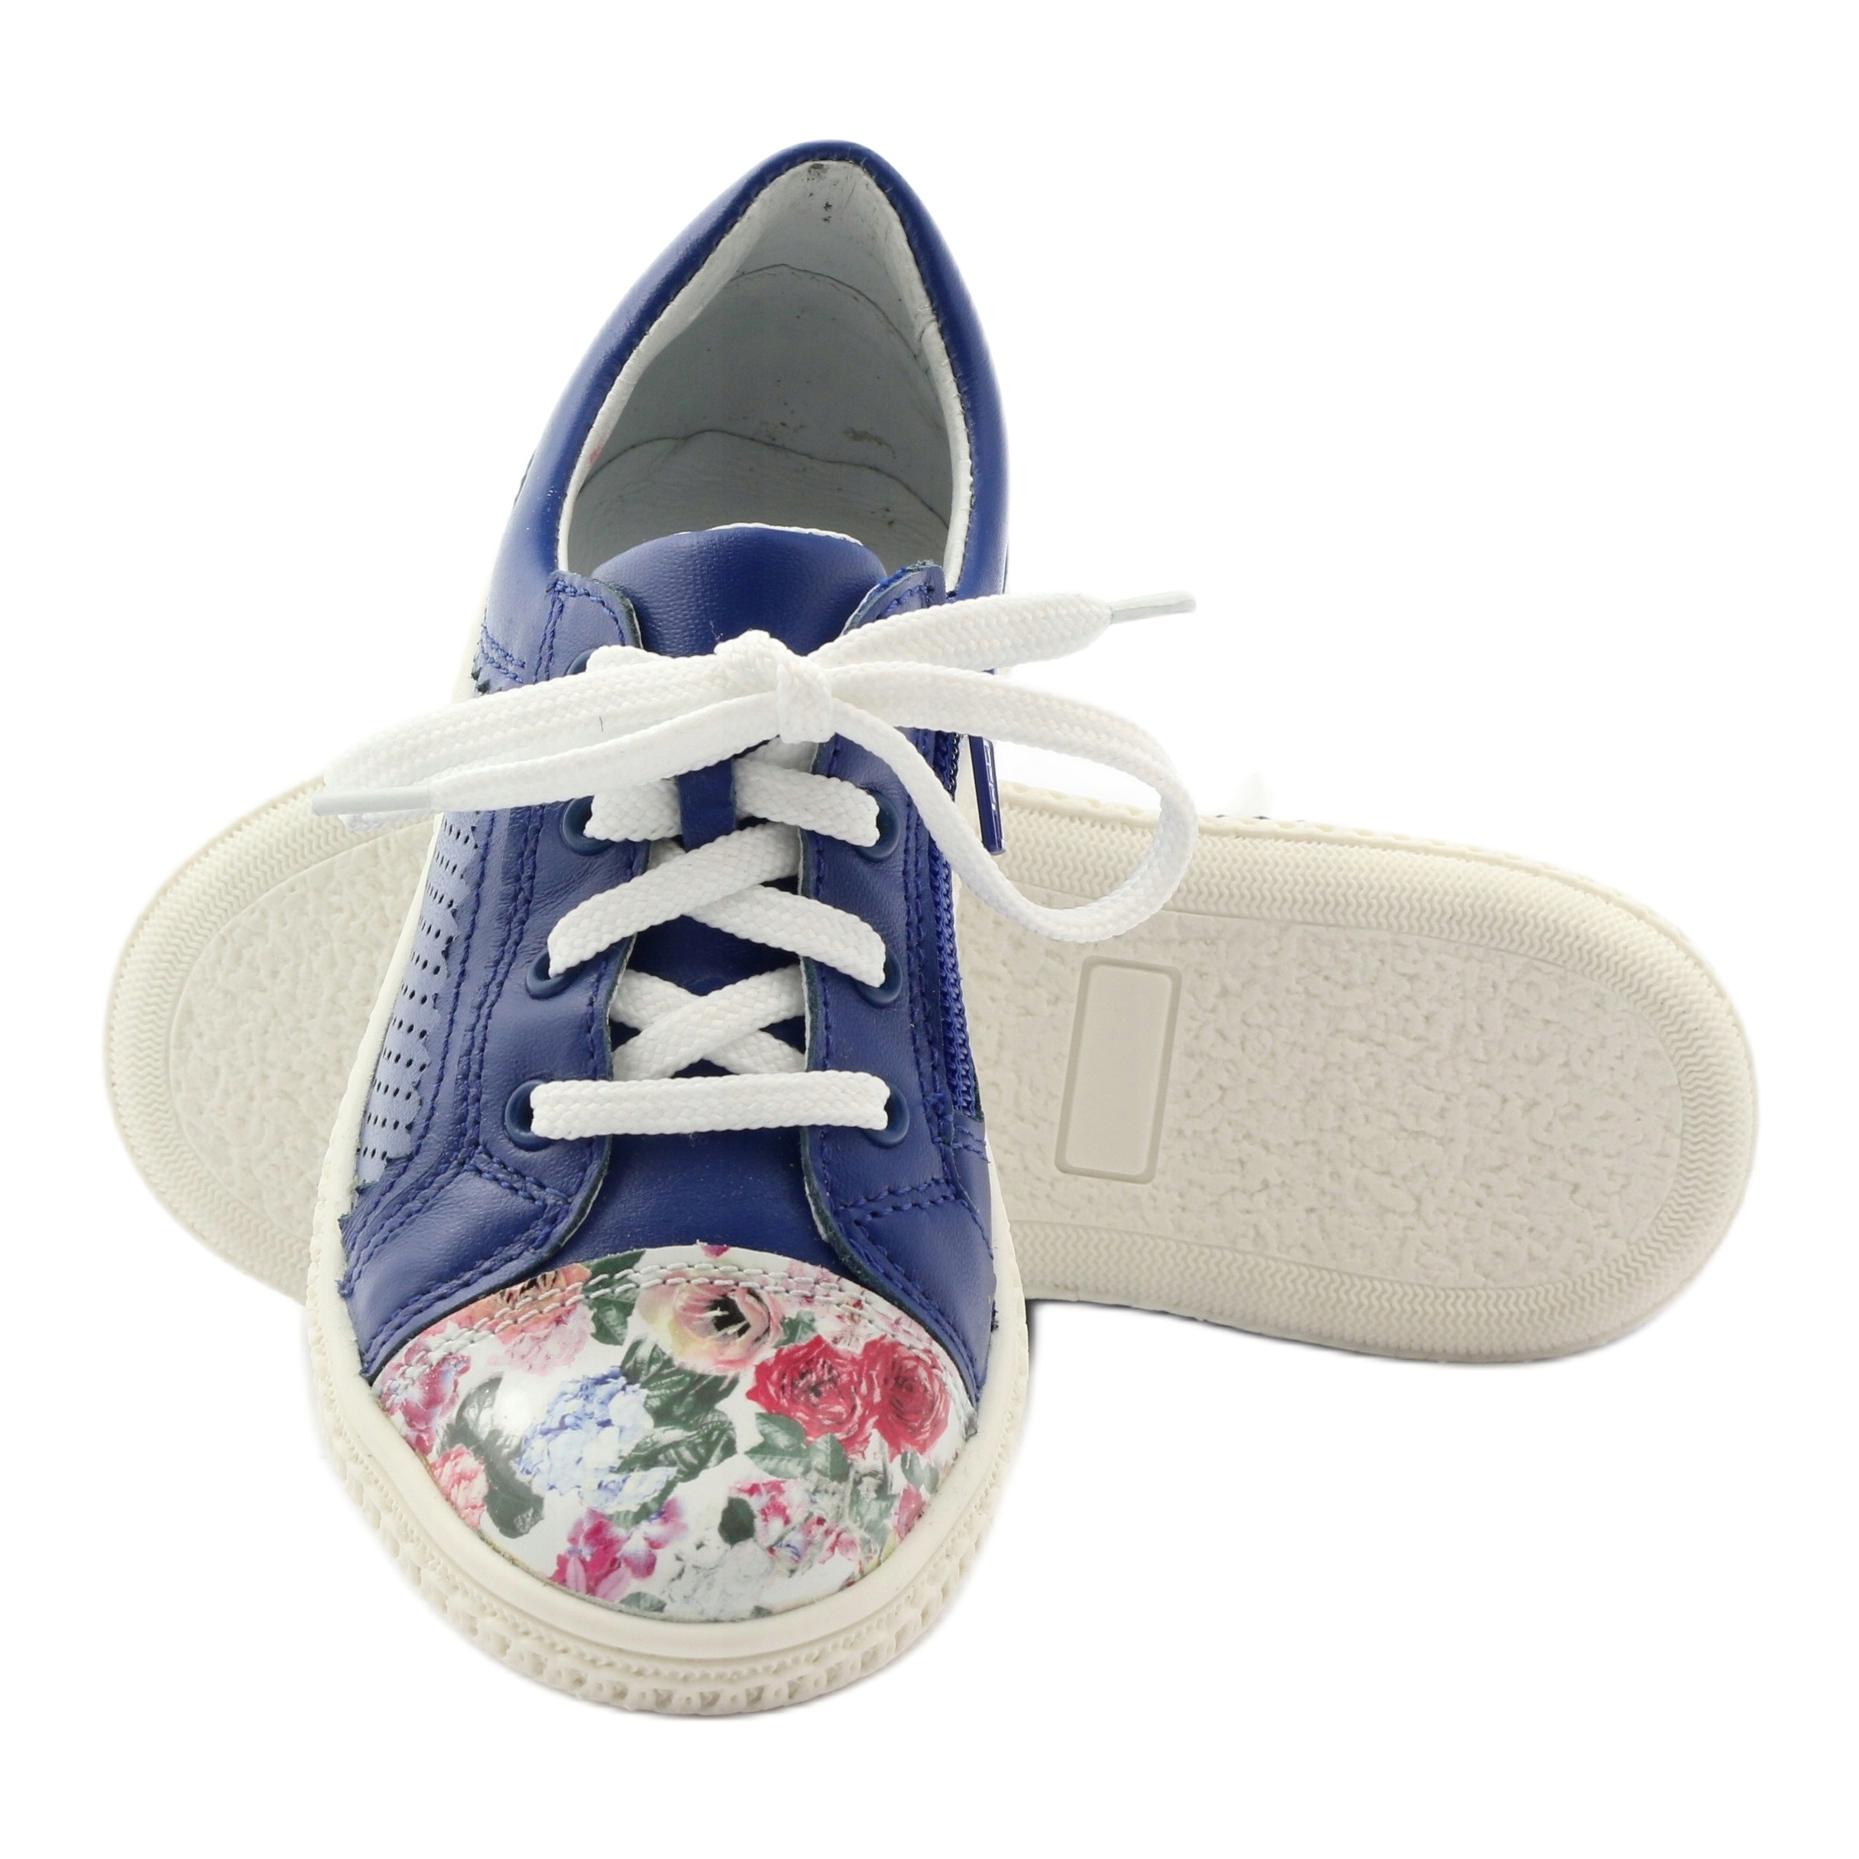 miniatura 4 - Scarpe-basse-per-bambina-fiori-Bartek-15524-blu-multicolore